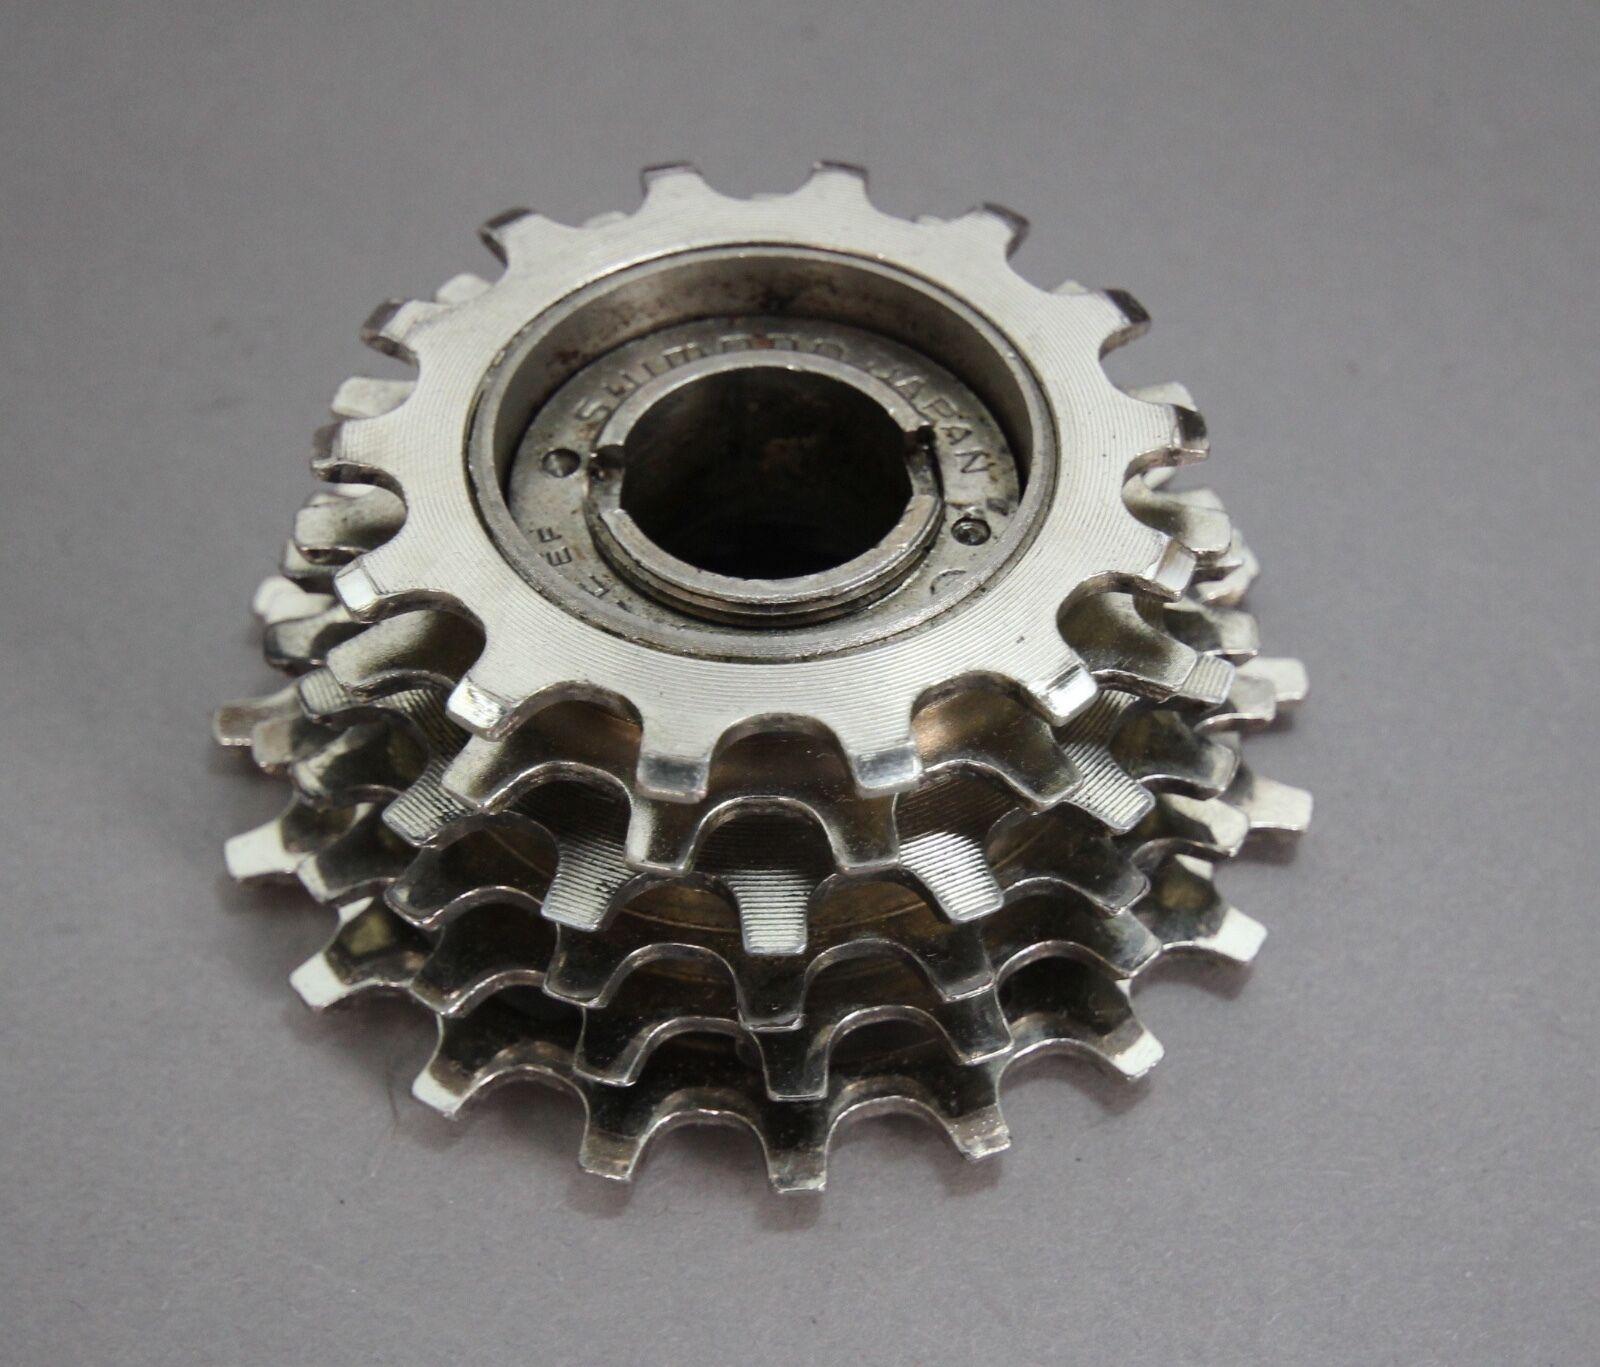 Shimano Dura Ace MF-7200 Freewheel Freewheel Freewheel   6S   14-20   xxxg   Thread Schraubkranz       Qualität und Quantität garantiert  1579e9